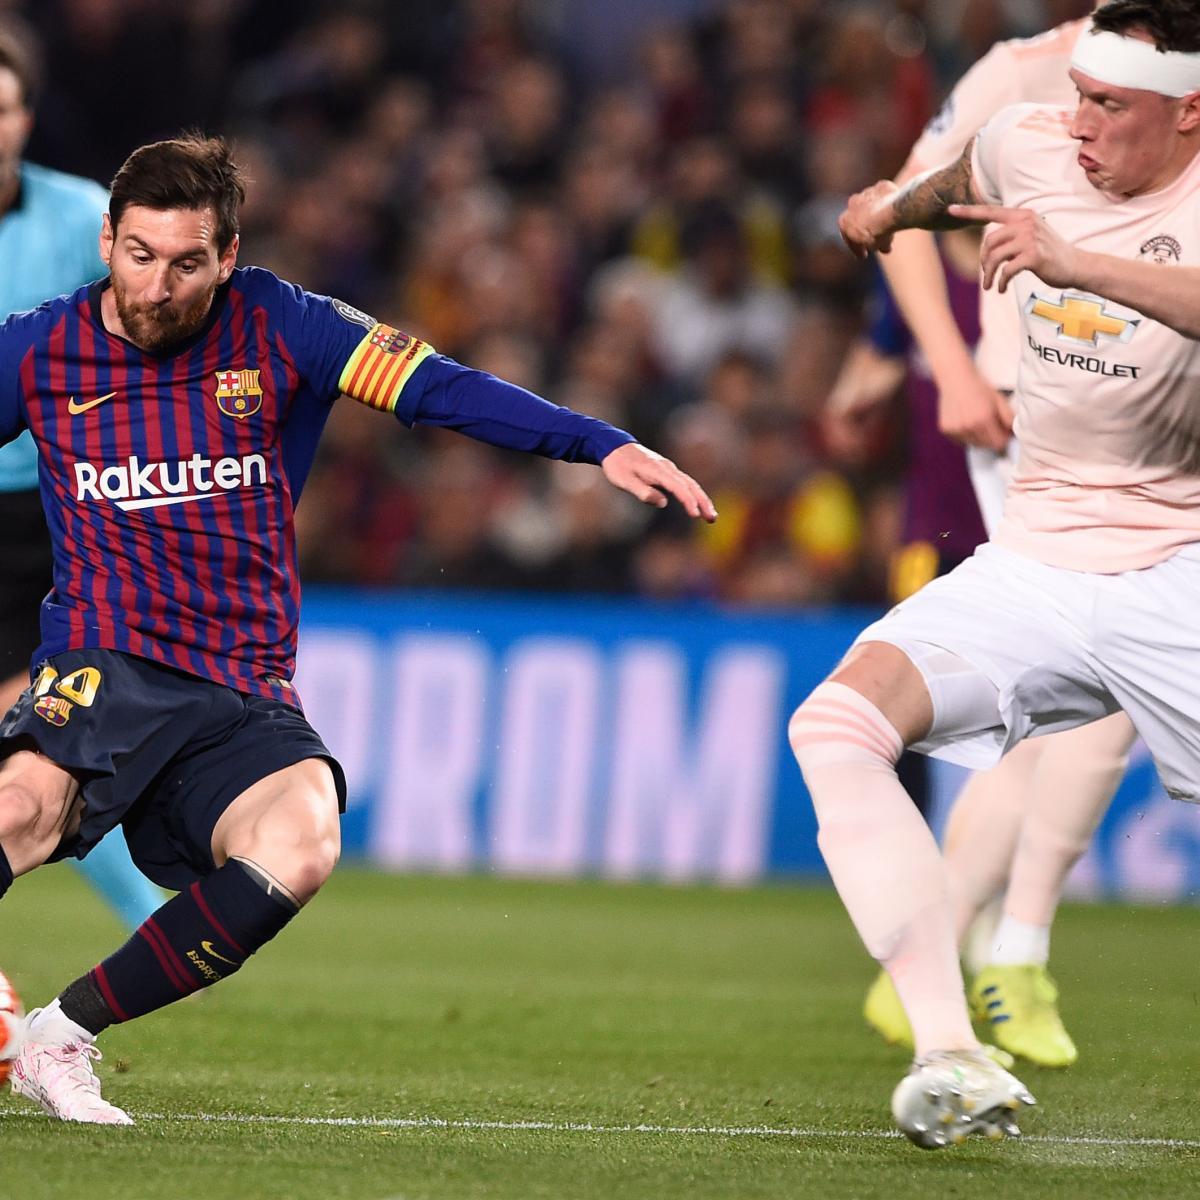 52bc8e622 Lionel Messi Brace Leads Barcelona to Win vs. Manchester United ...